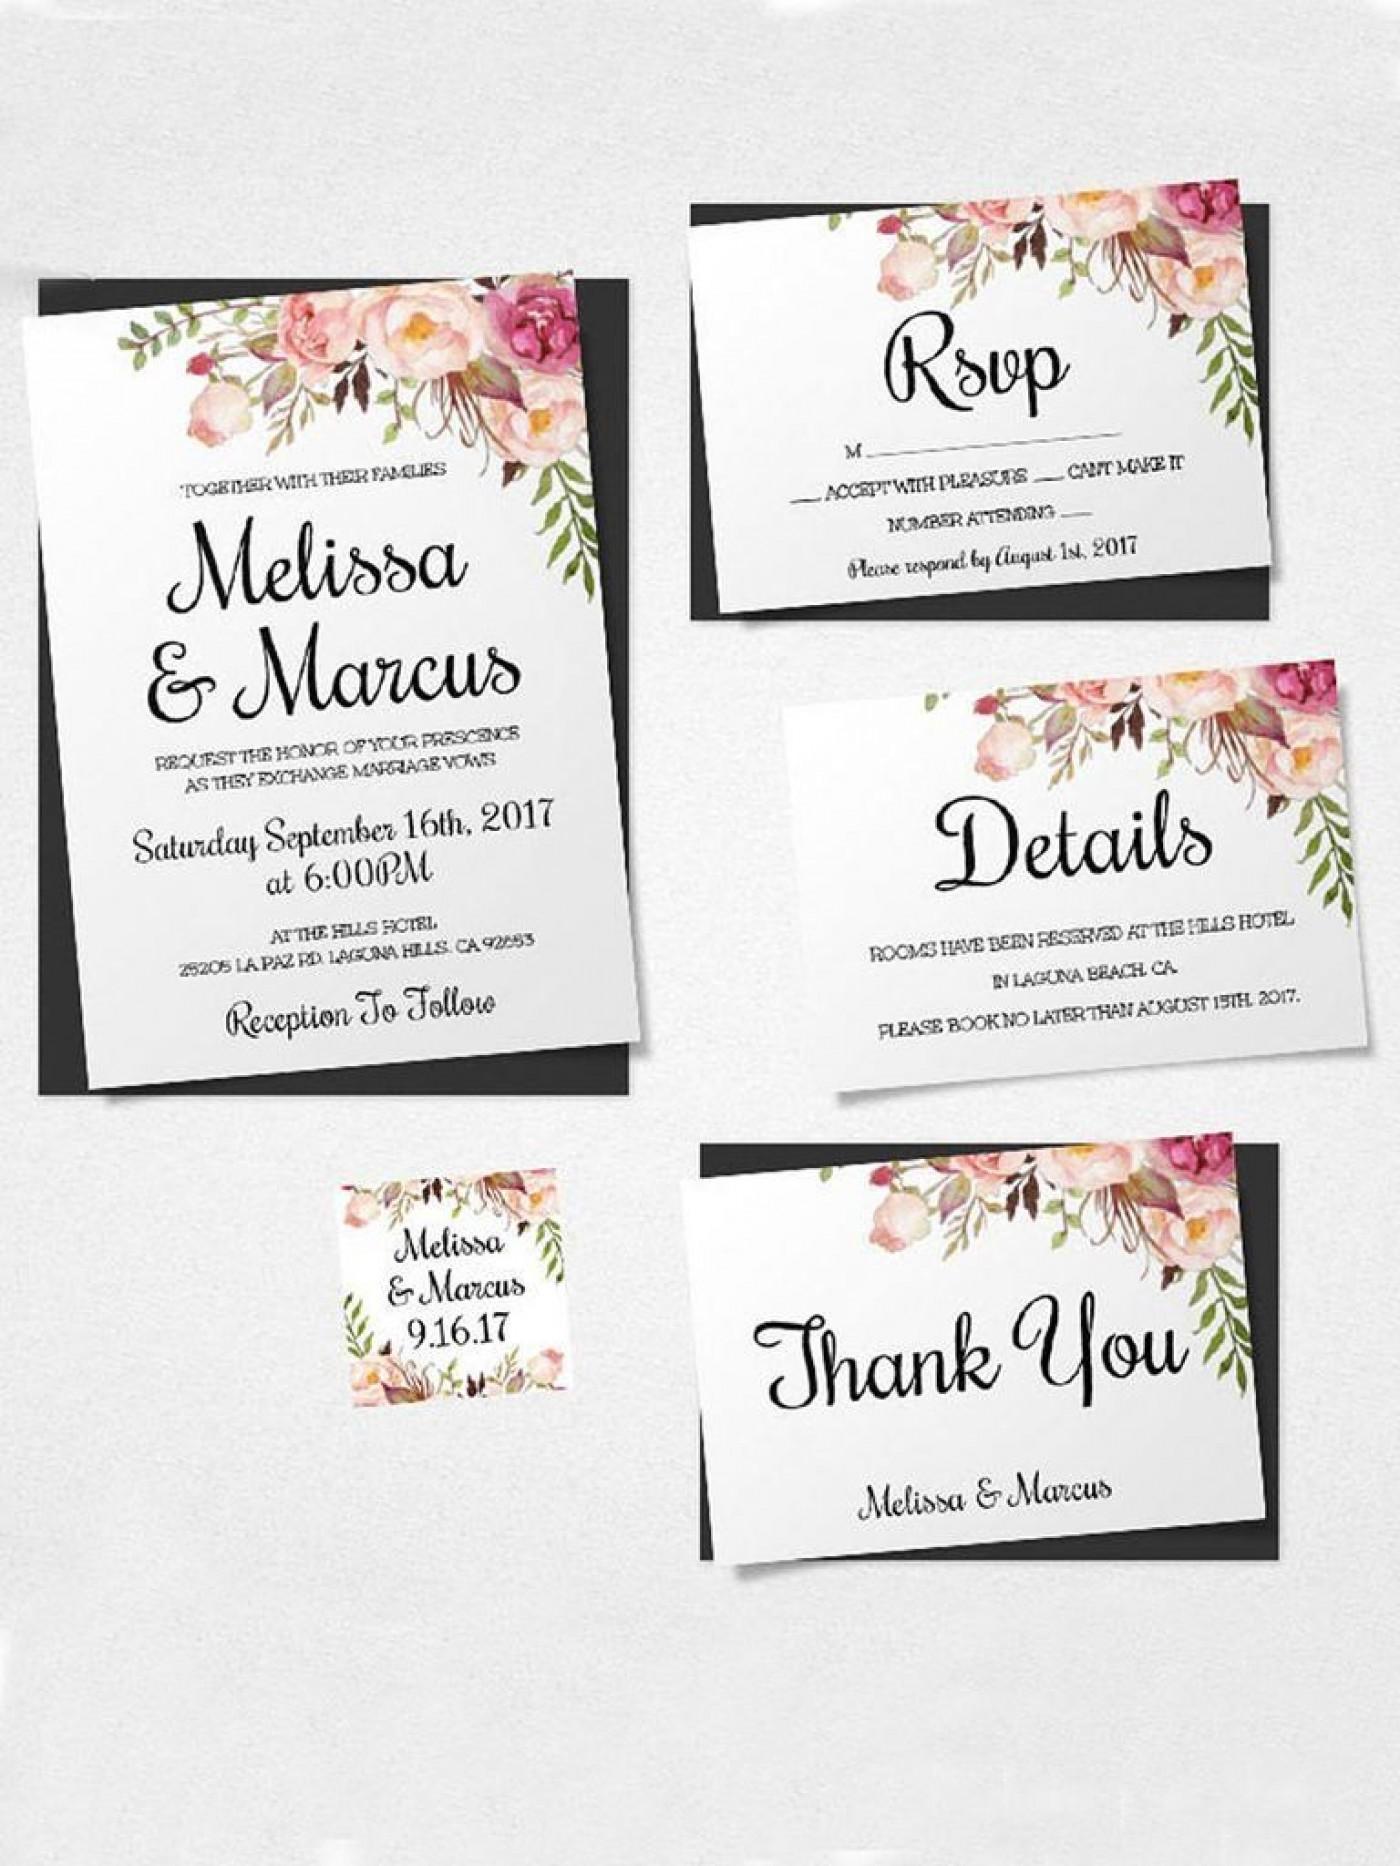 000 Unusual Printable Wedding Invitation Template Sample  Free For Microsoft Word Vintage1400